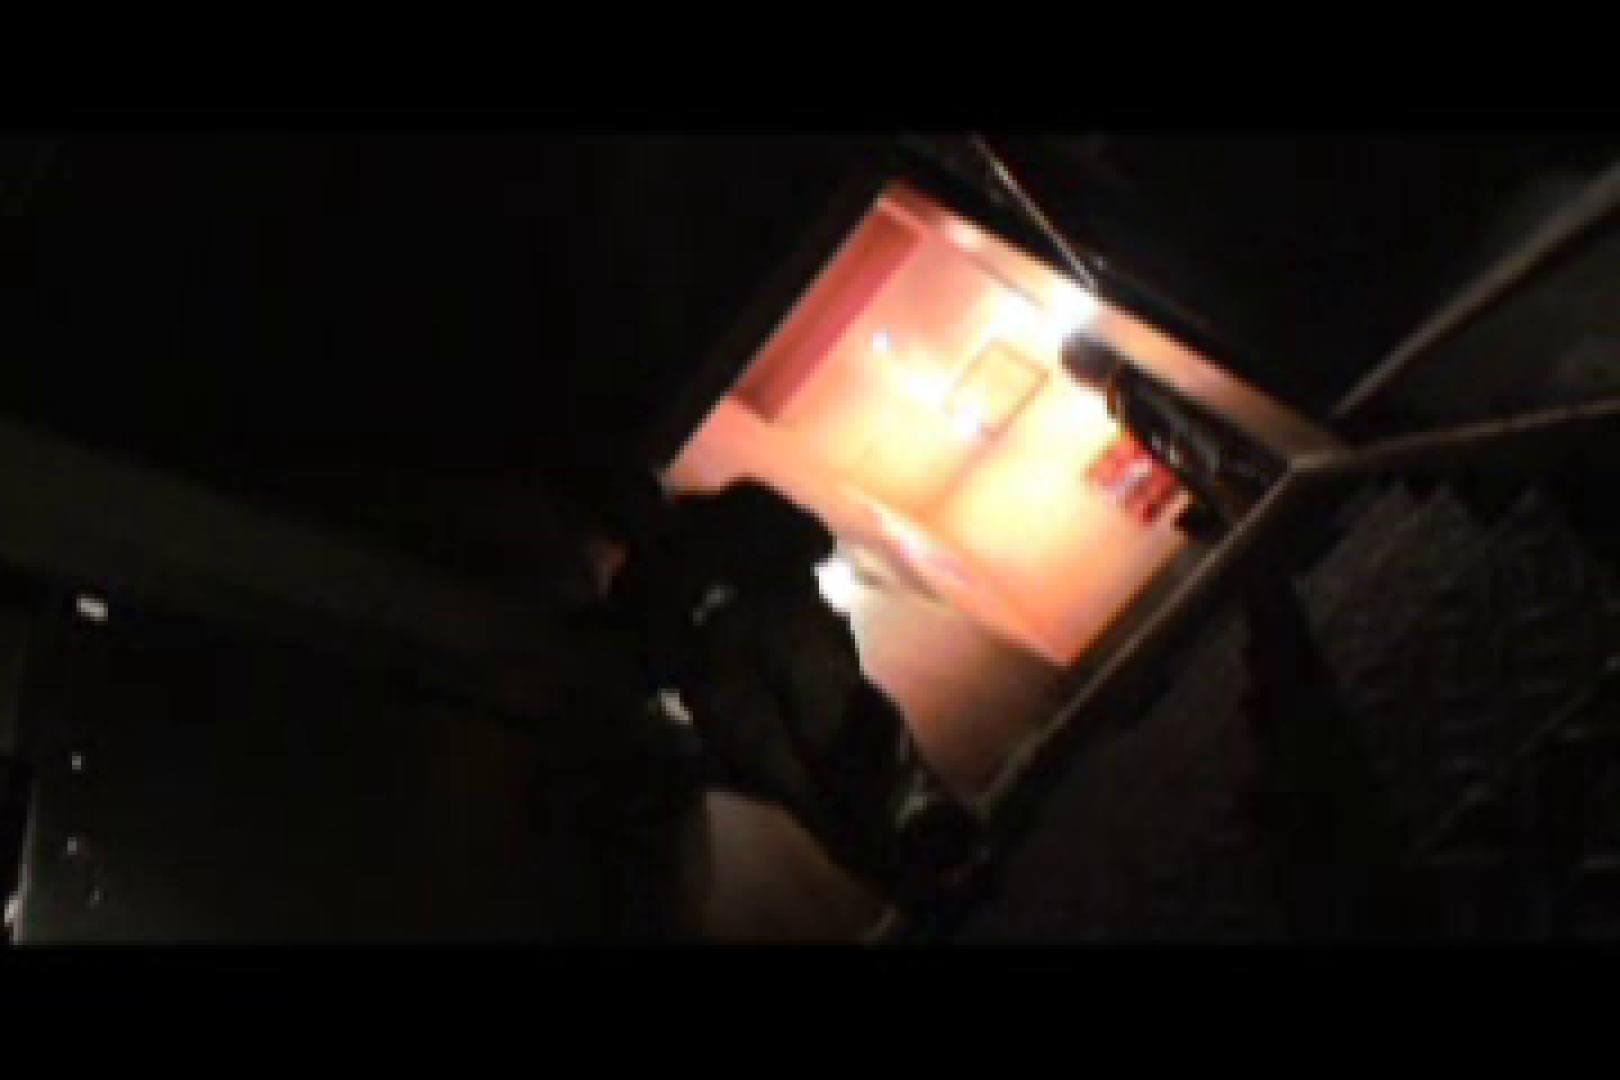 イケメン,s VOL.4 KISS ゲイアダルトビデオ画像 91pic 27